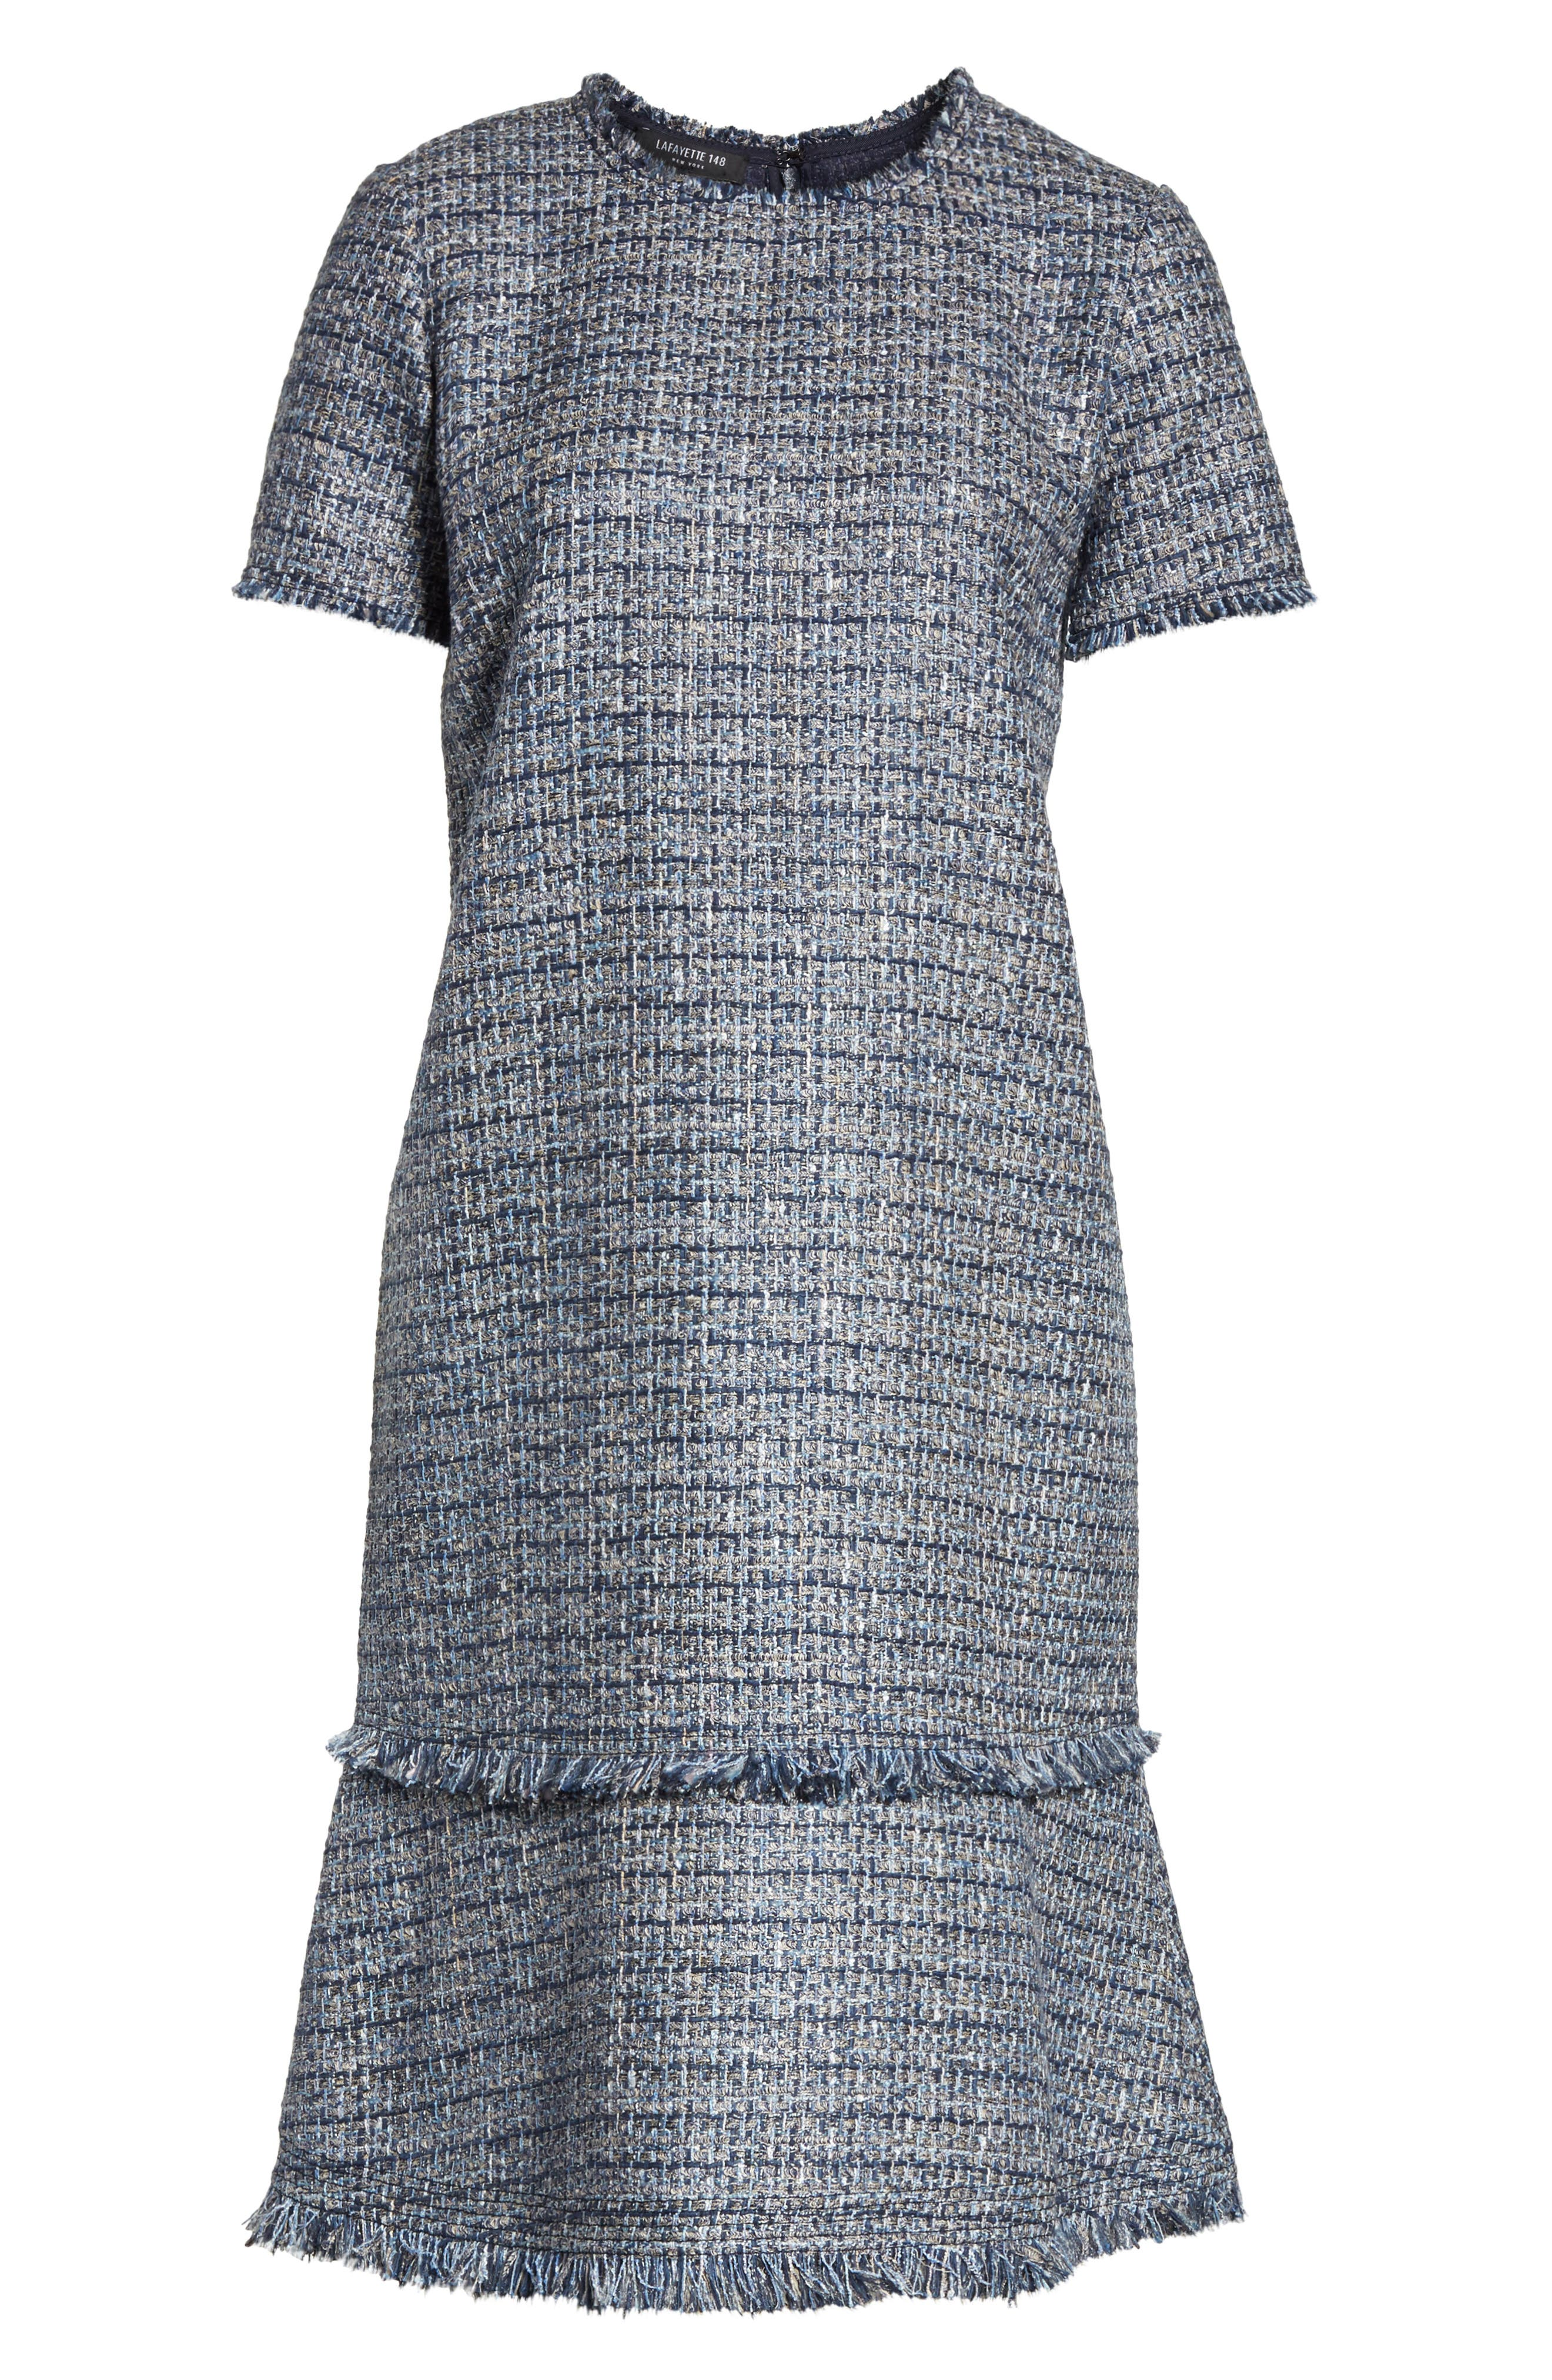 Saria Tweed Drop Waist Dress,                             Alternate thumbnail 6, color,                             412